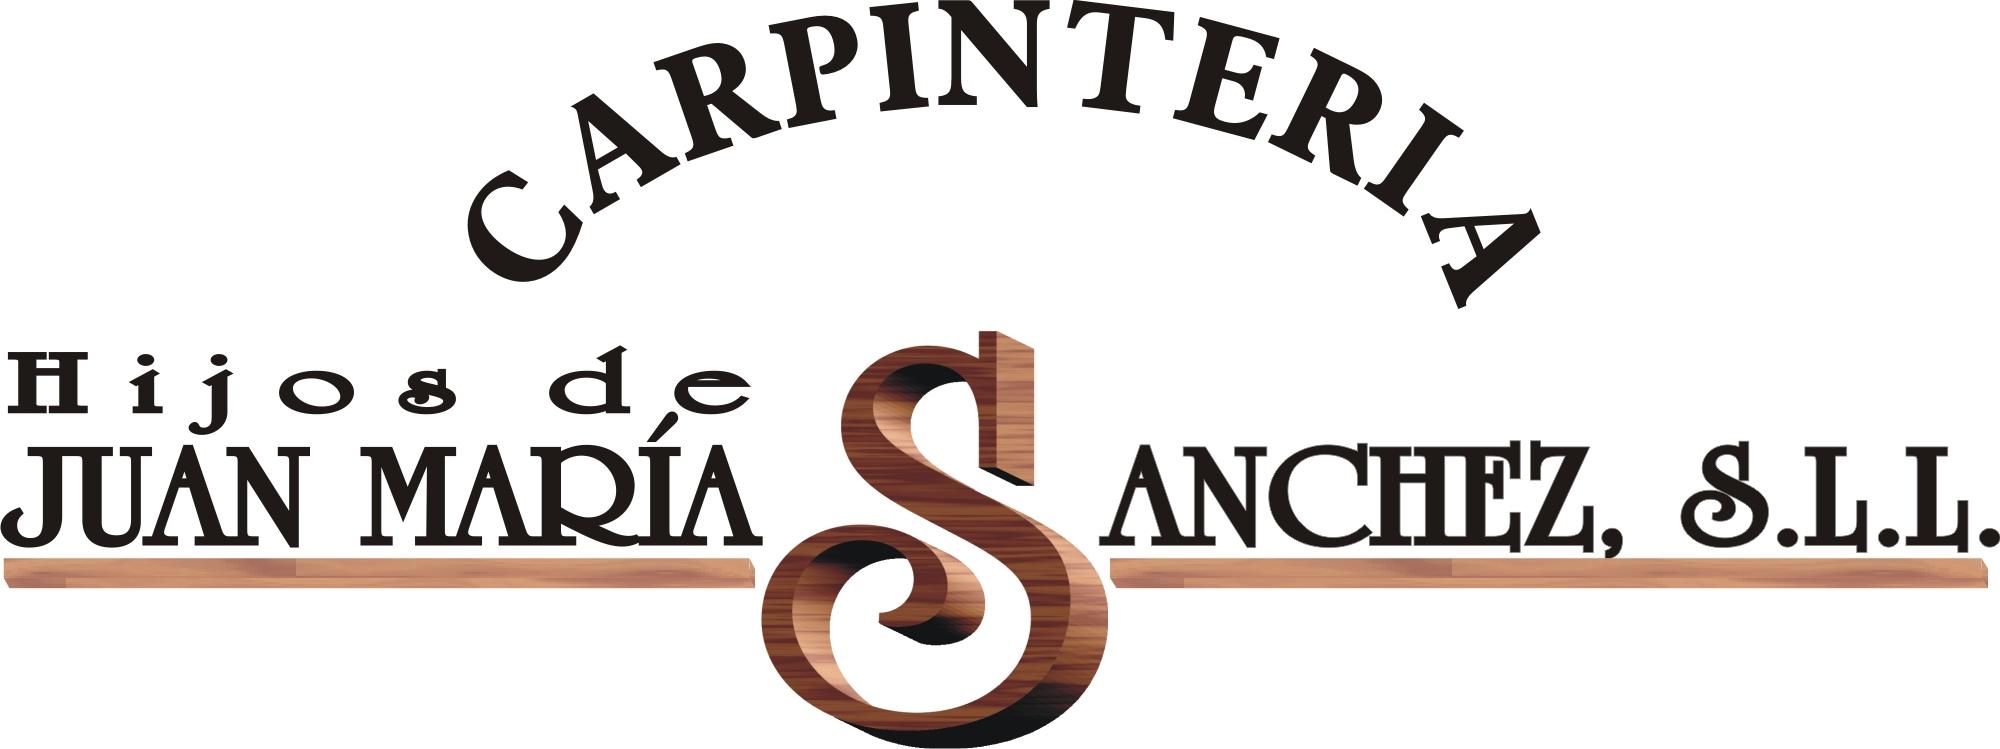 Carpintería Hijos De Juan María Sánchez S.L.L.